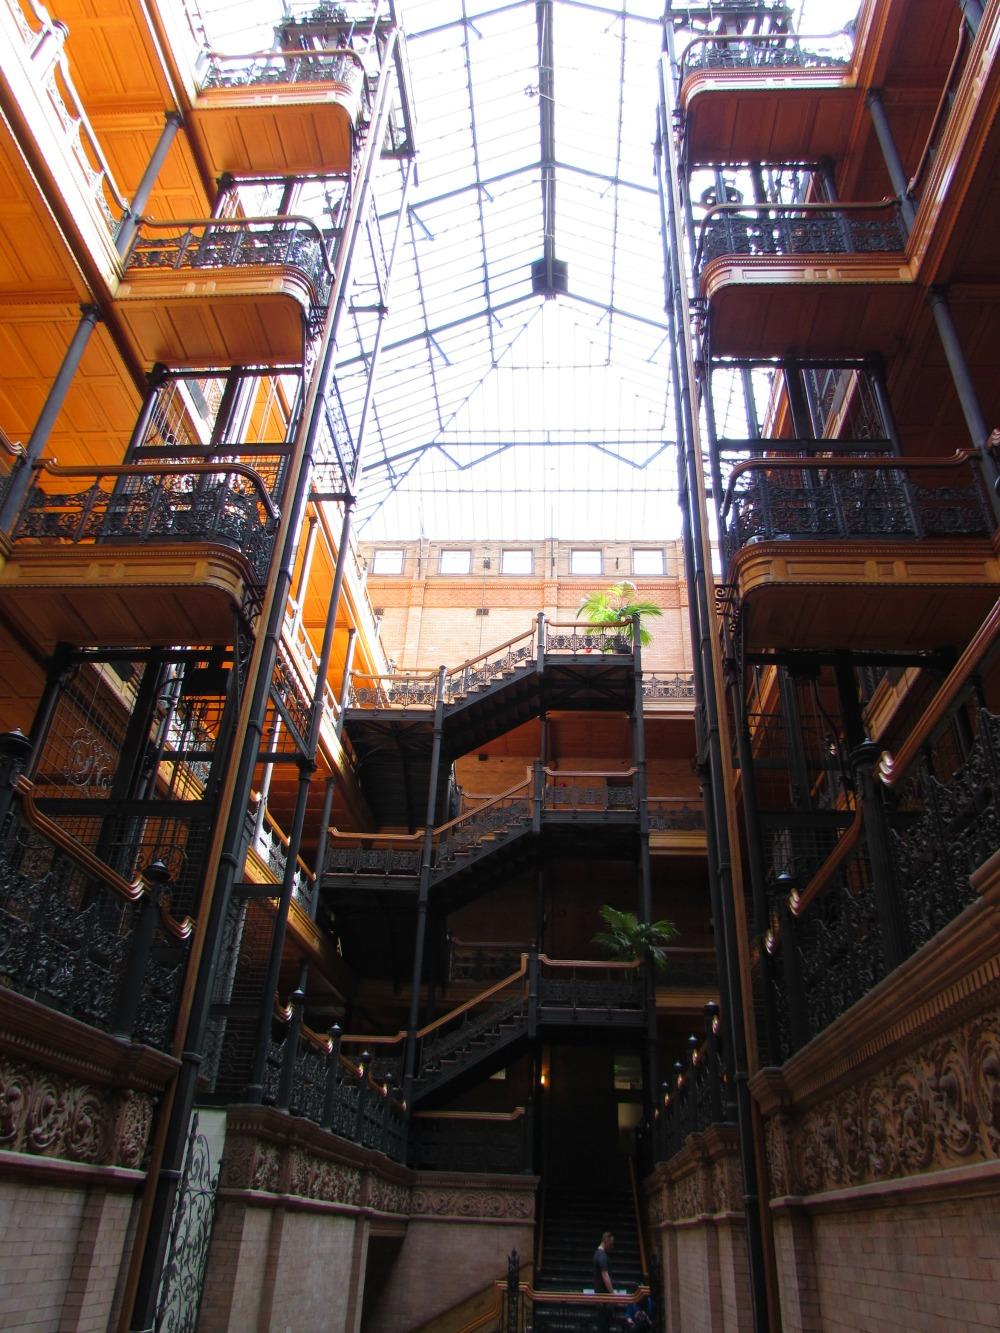 Inside the Bradbury Building